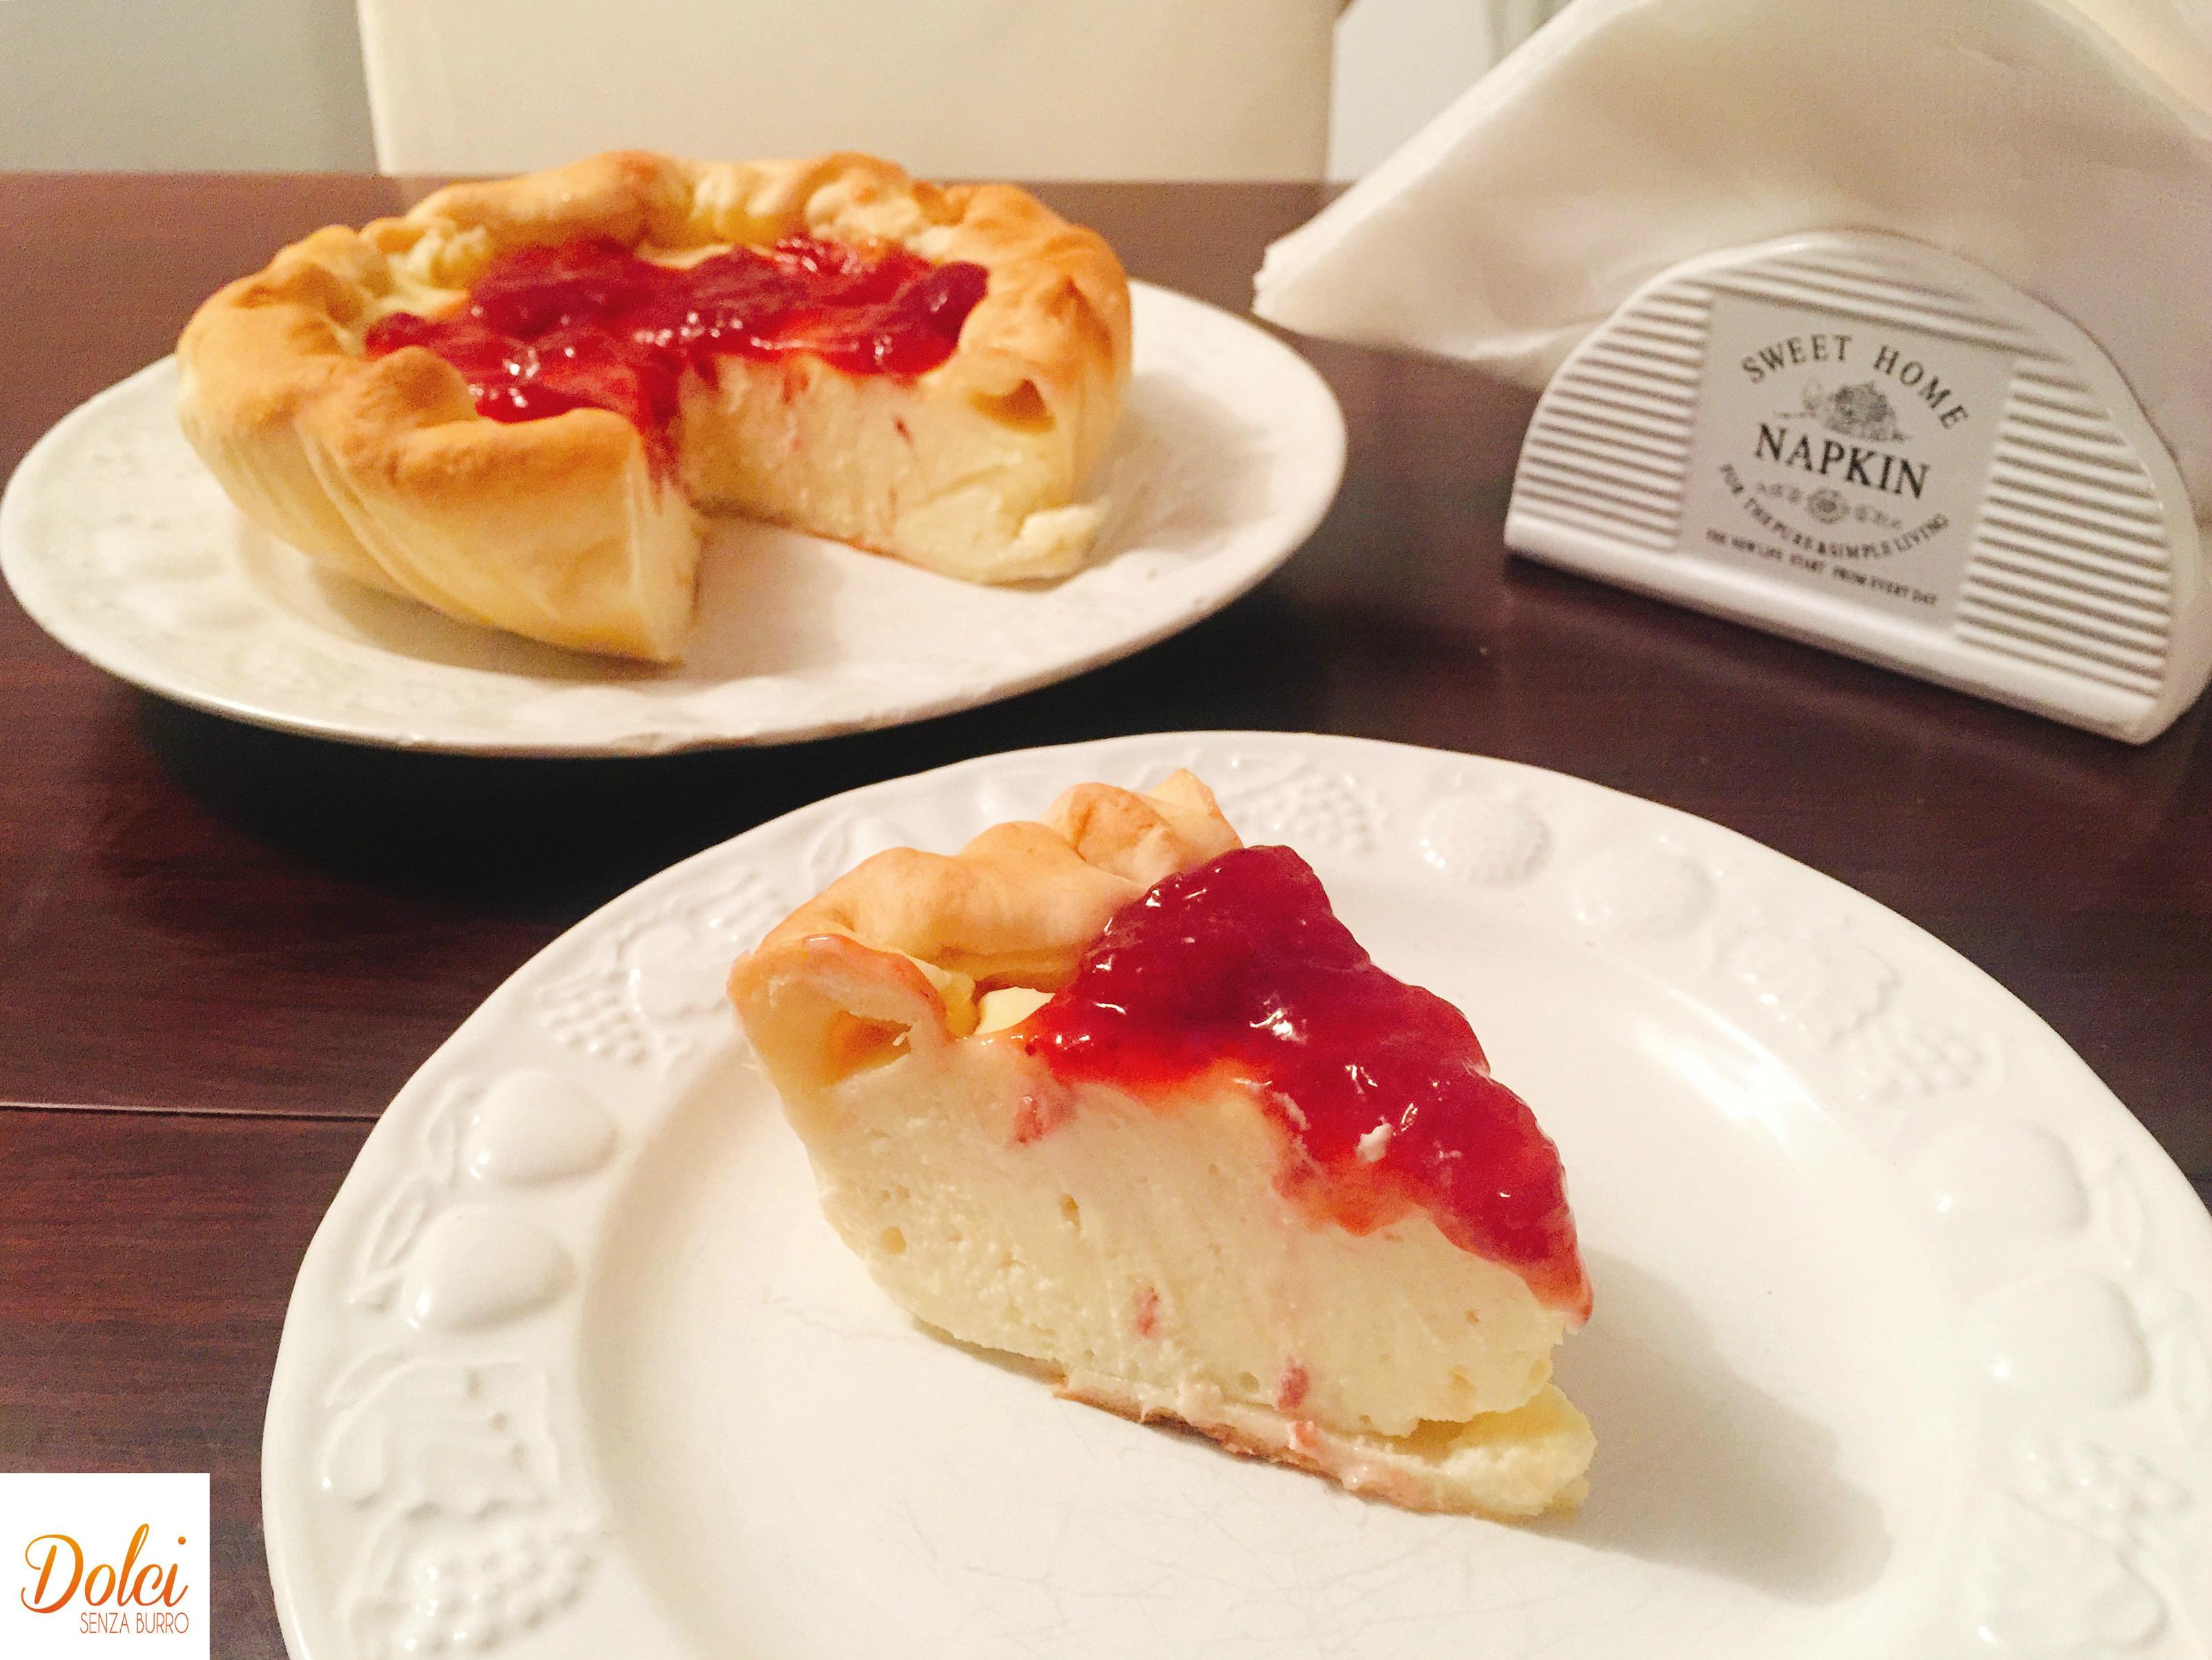 Torta Fredda alla Ricotta Senza Burro, un dolce dal gusto delicato fresco e avvolgente di dolci senza burro